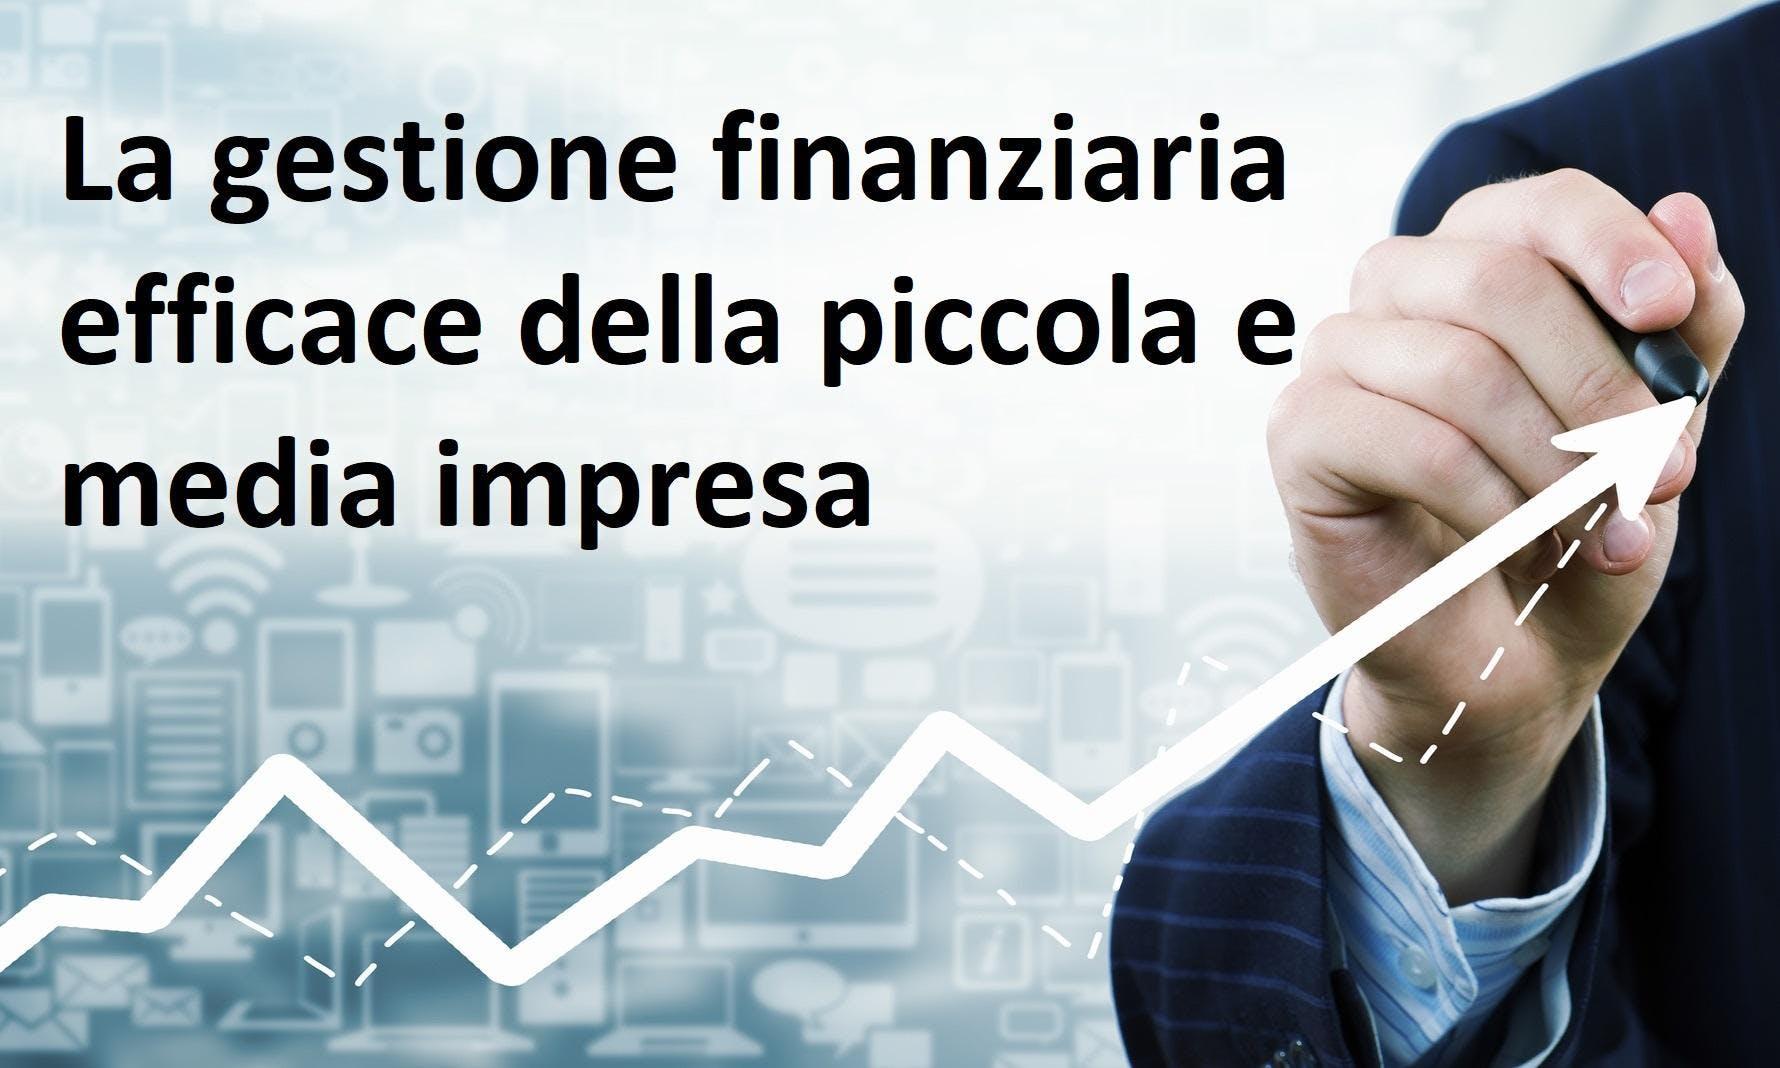 La gestione finanziaria efficace della piccola e media impresa